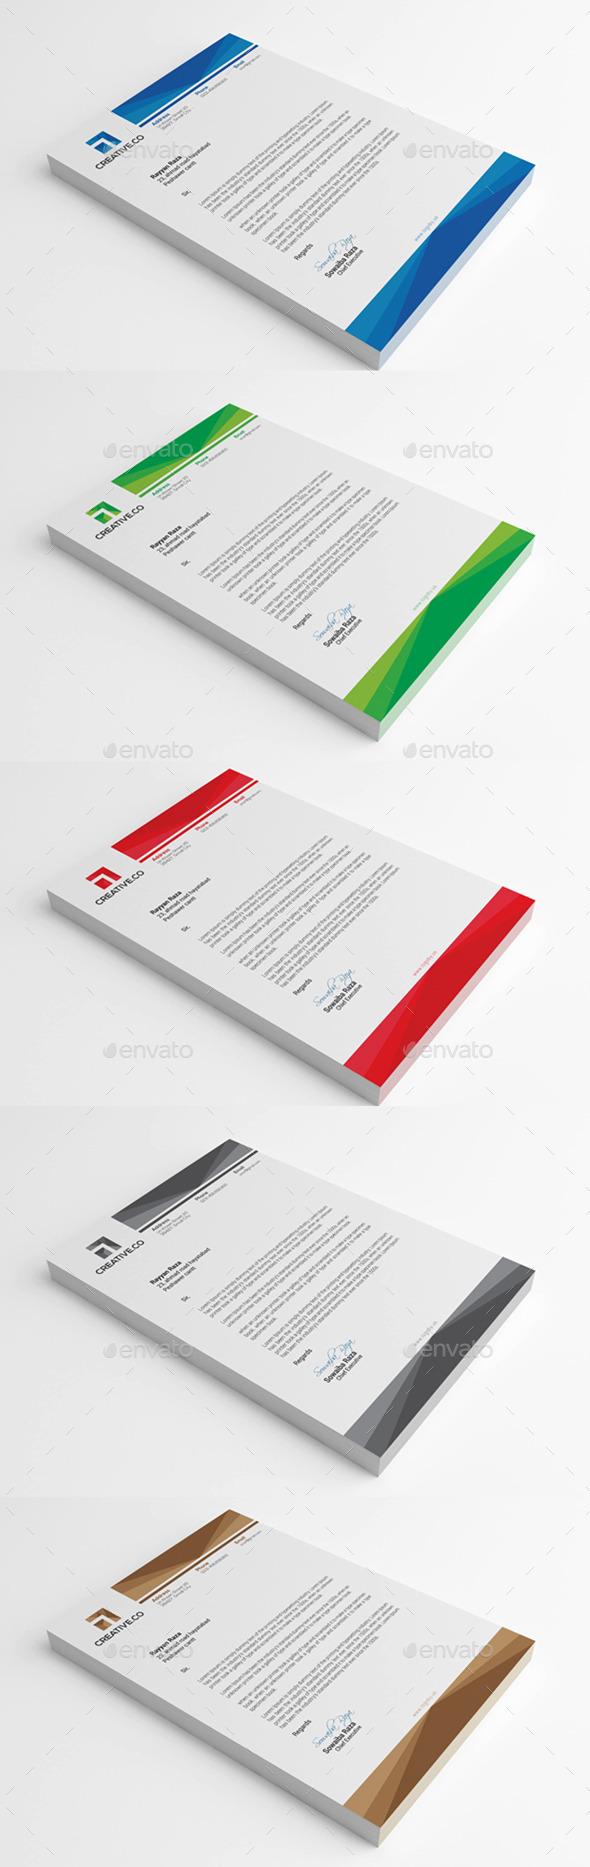 GraphicRiver Corporate Letterhead 8634136